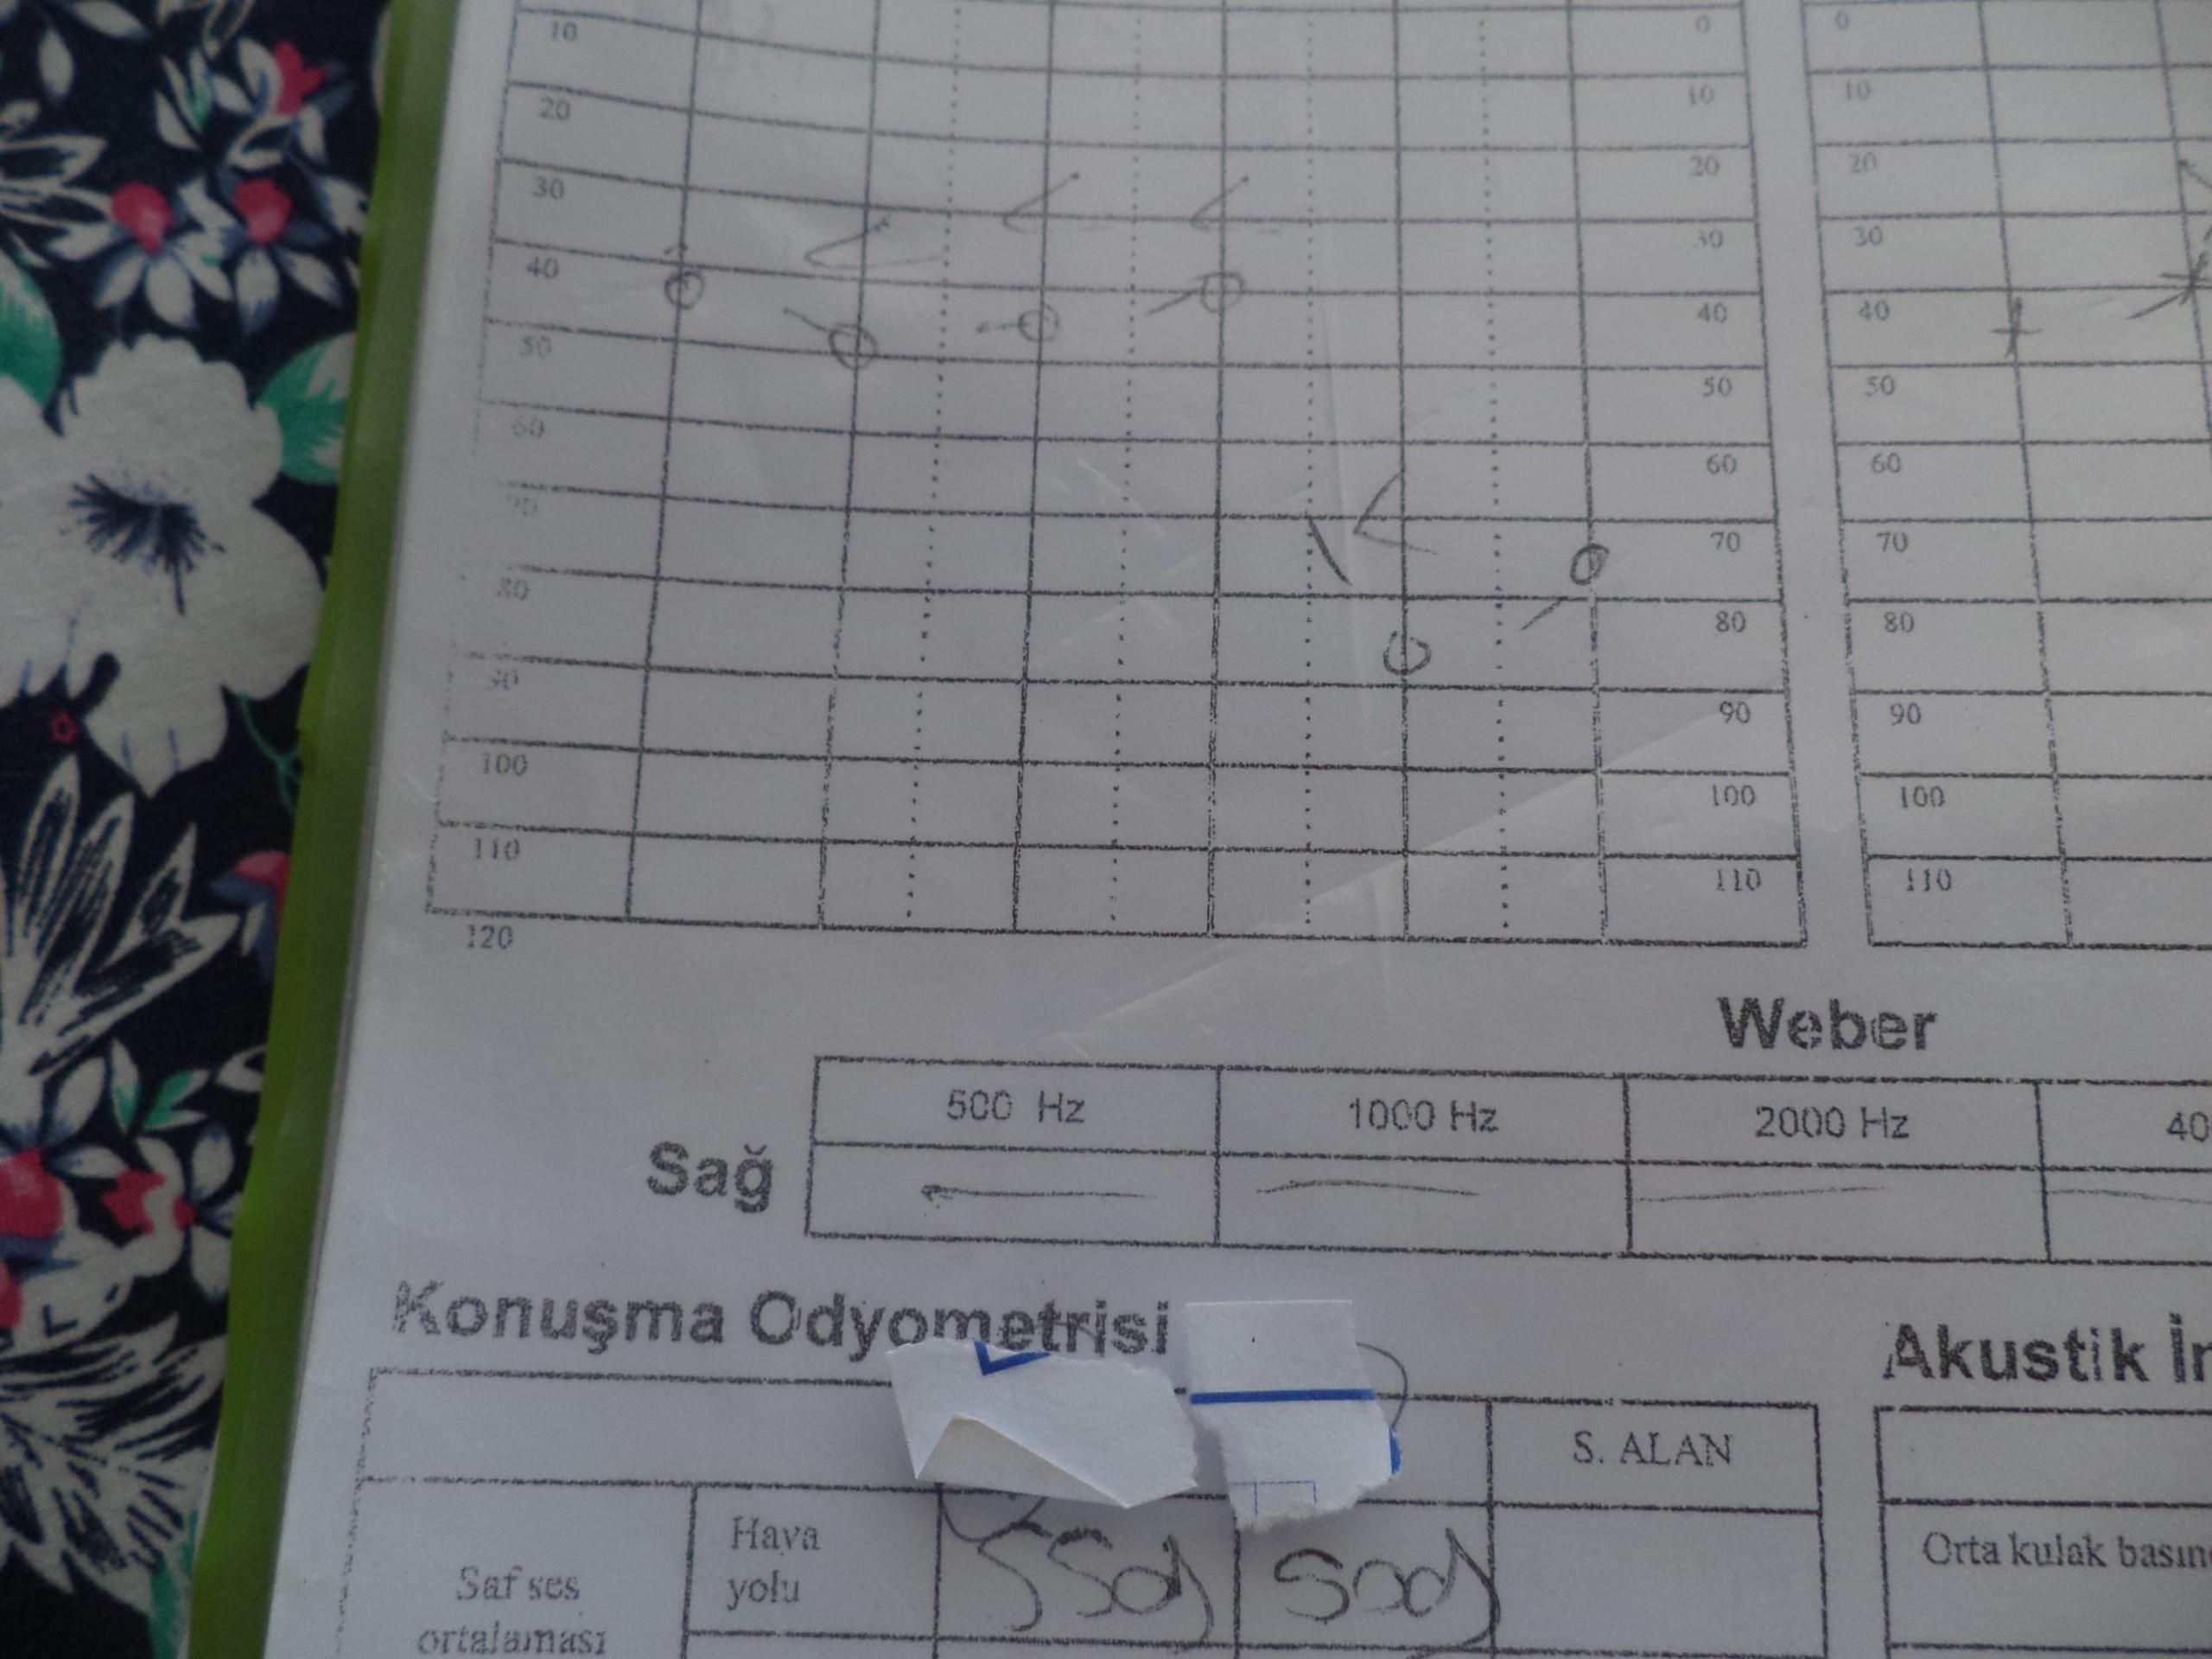 bbobdm - Karaciğer nakli, KBB, Kardiyoloji, Kalp ve damar ameliyatı, ortopedik rahatsızlık..?